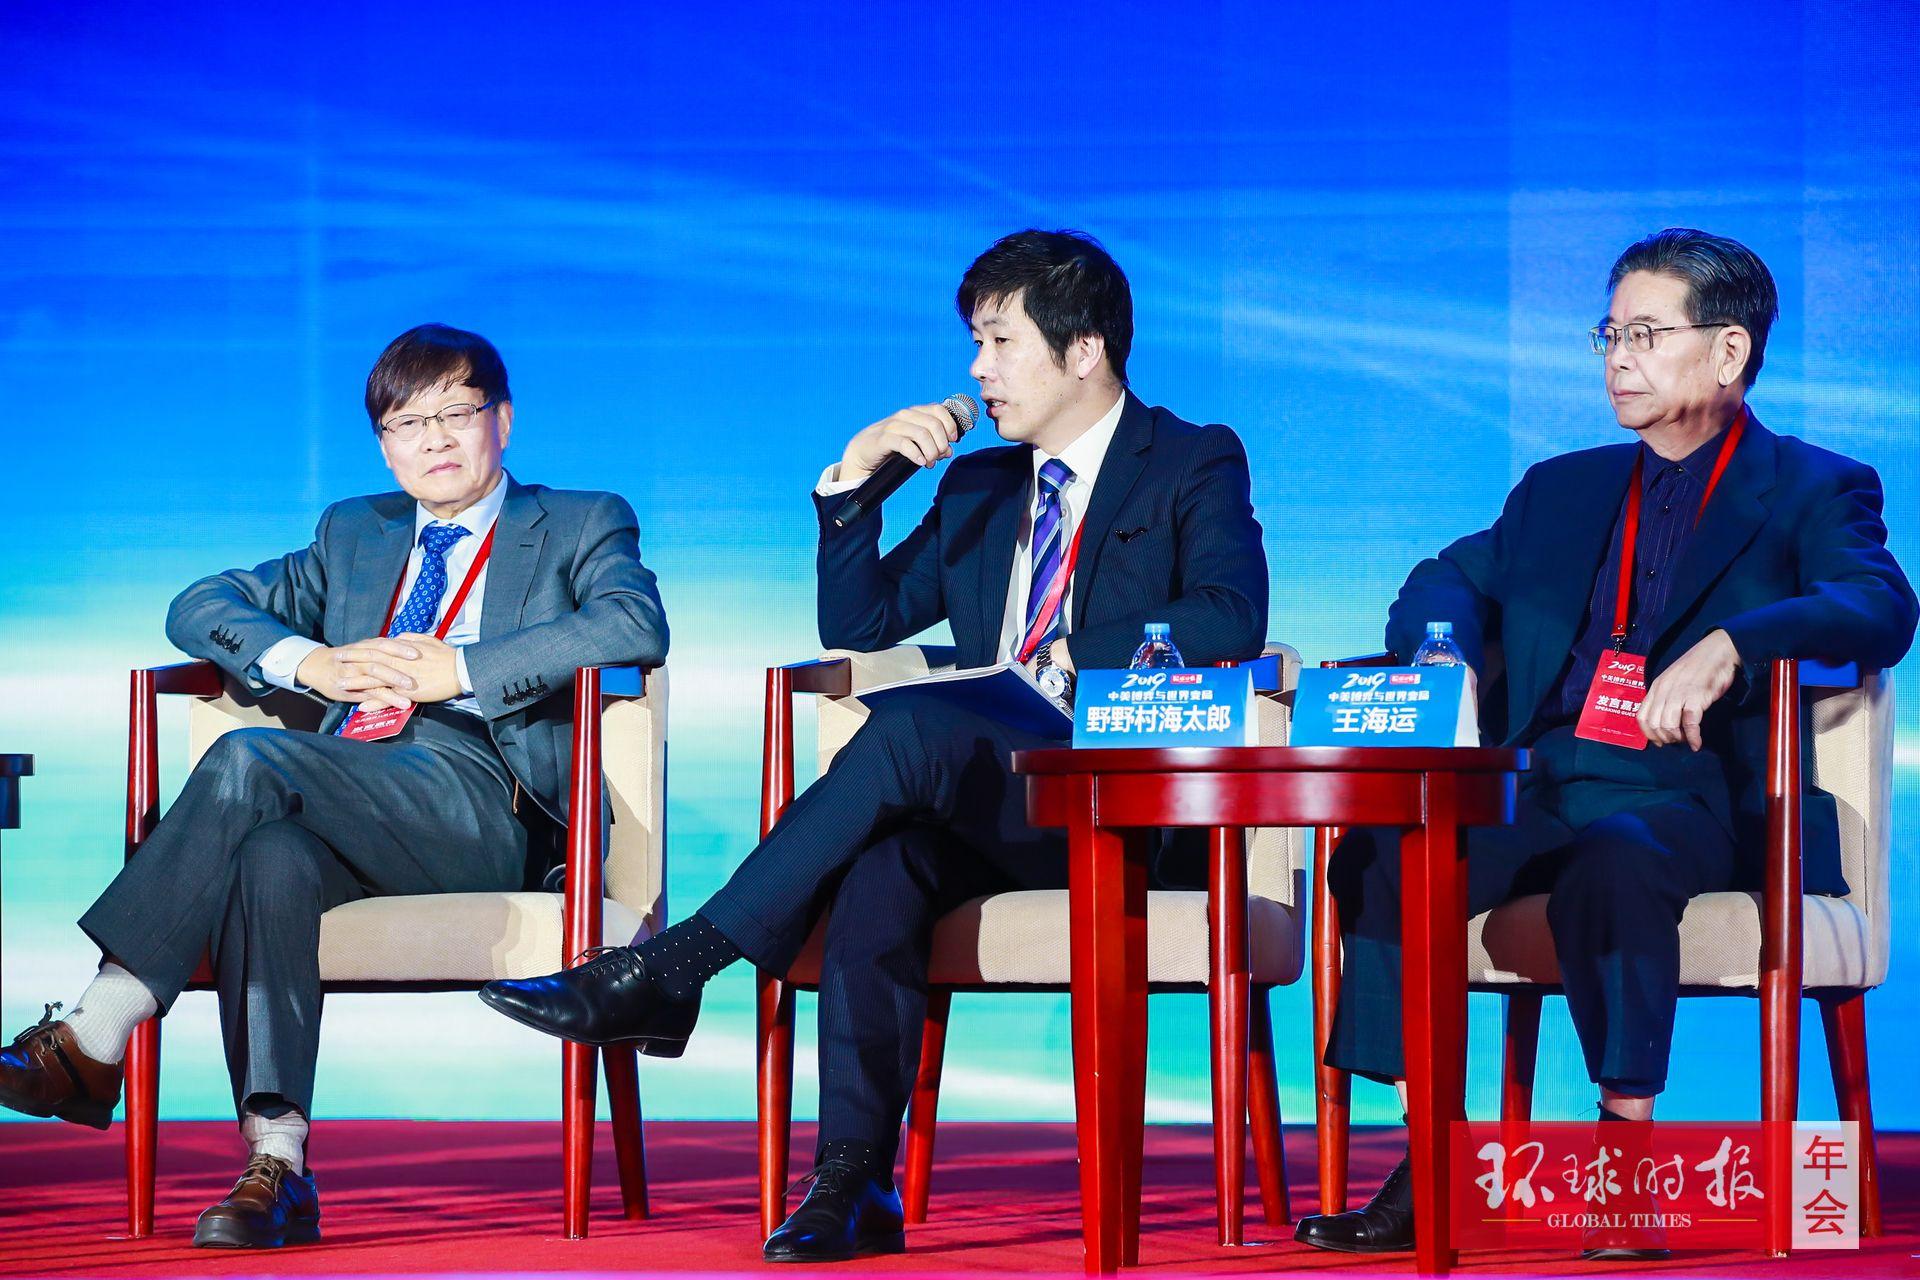 野野村海太郎:中国改革开放为周边带来福利,向中国人民和政府表示敬意